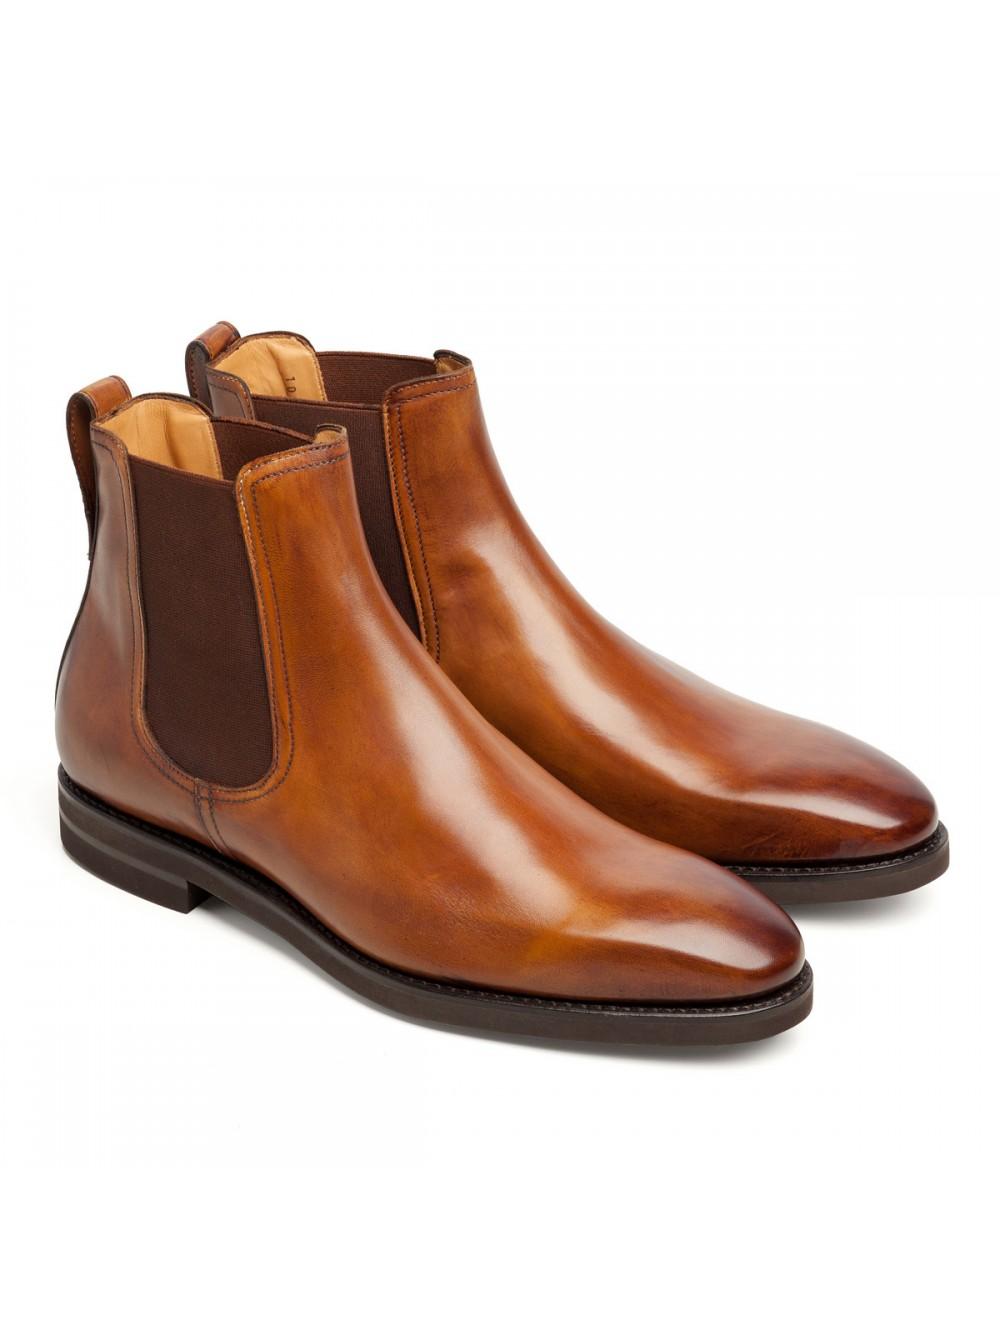 Как узнать виды мужской обуви. С чем их носить?